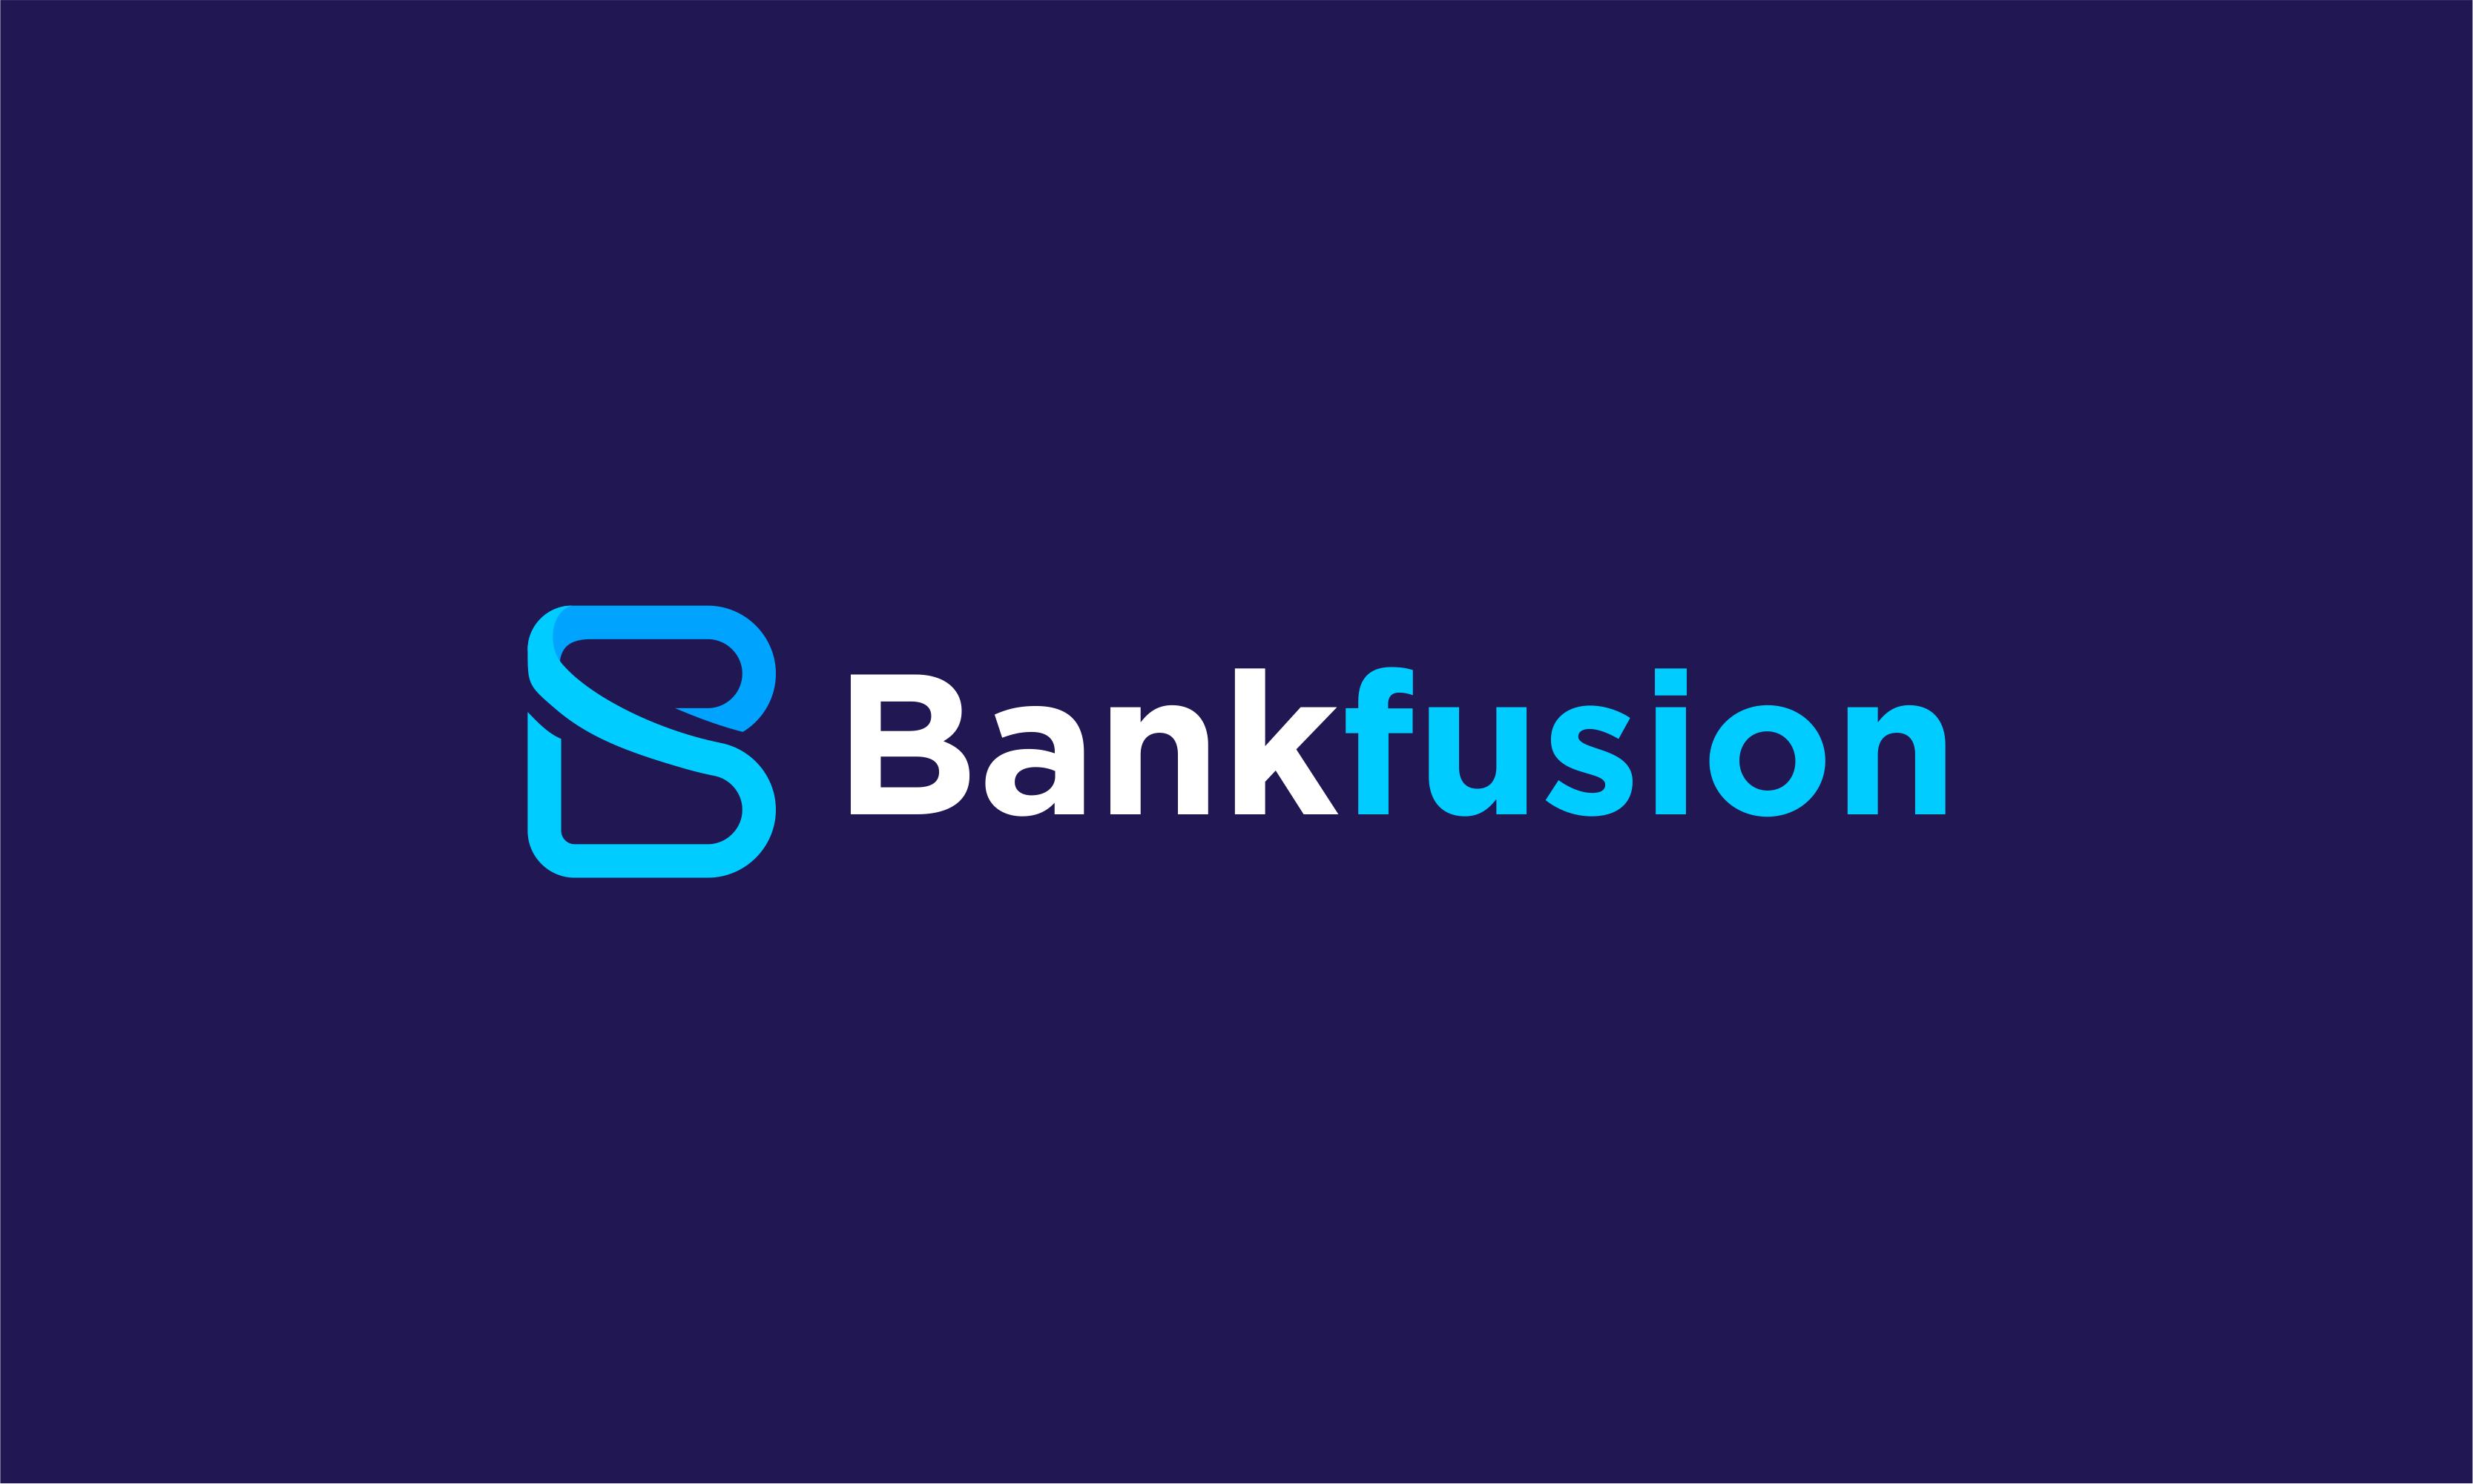 Bankfusion